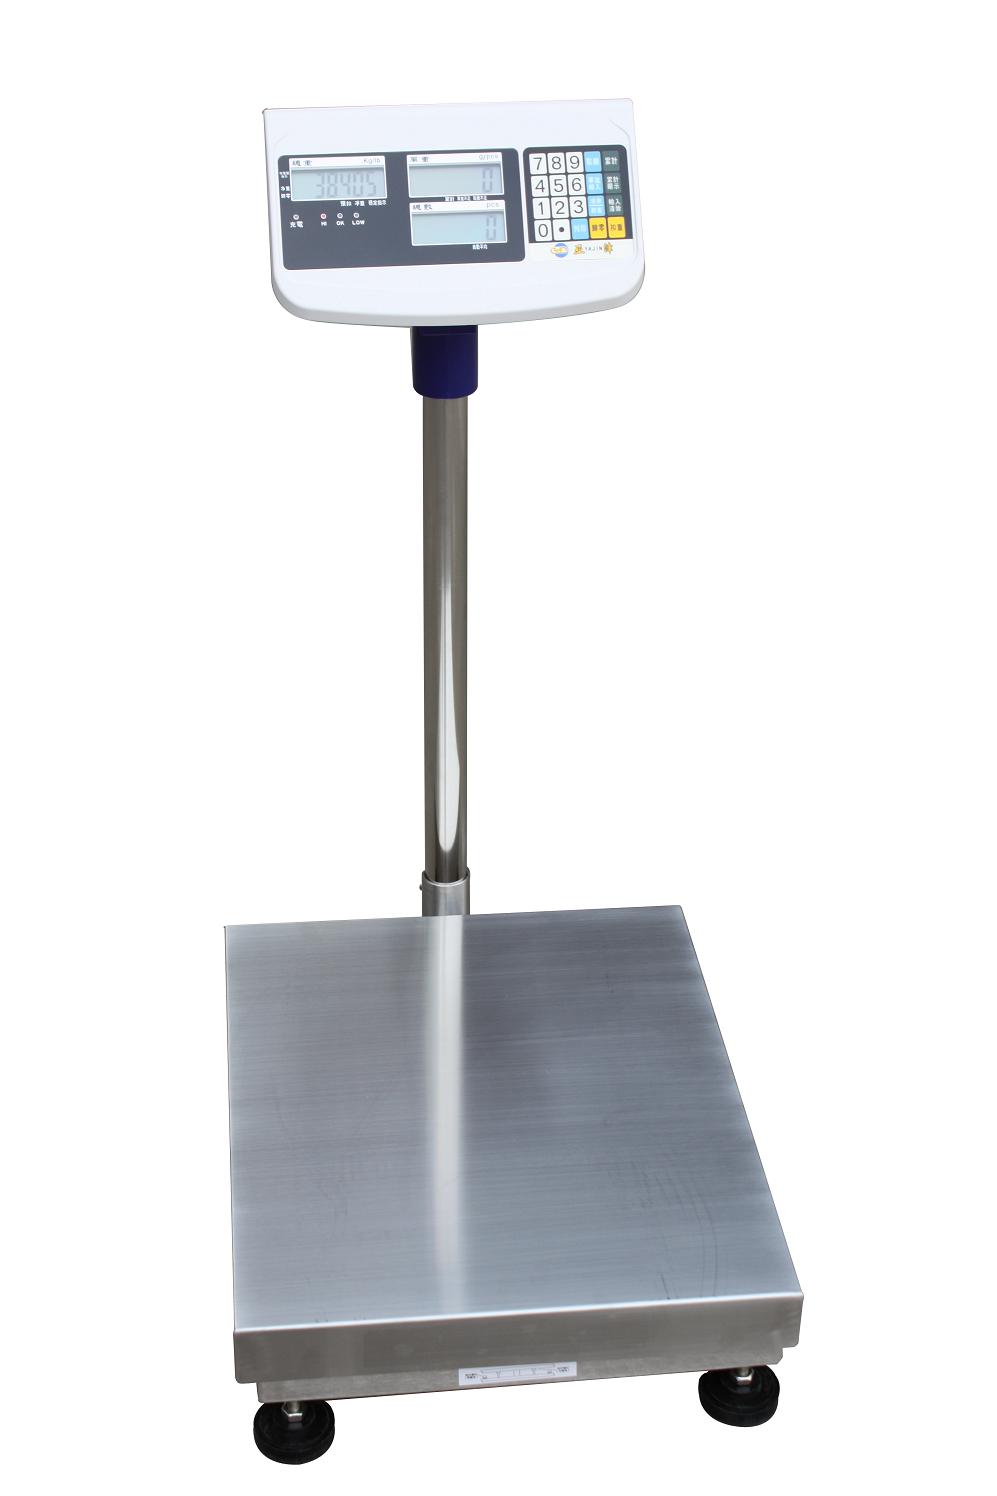 tcs泗泾标准台秤,带立杆专业电子秤